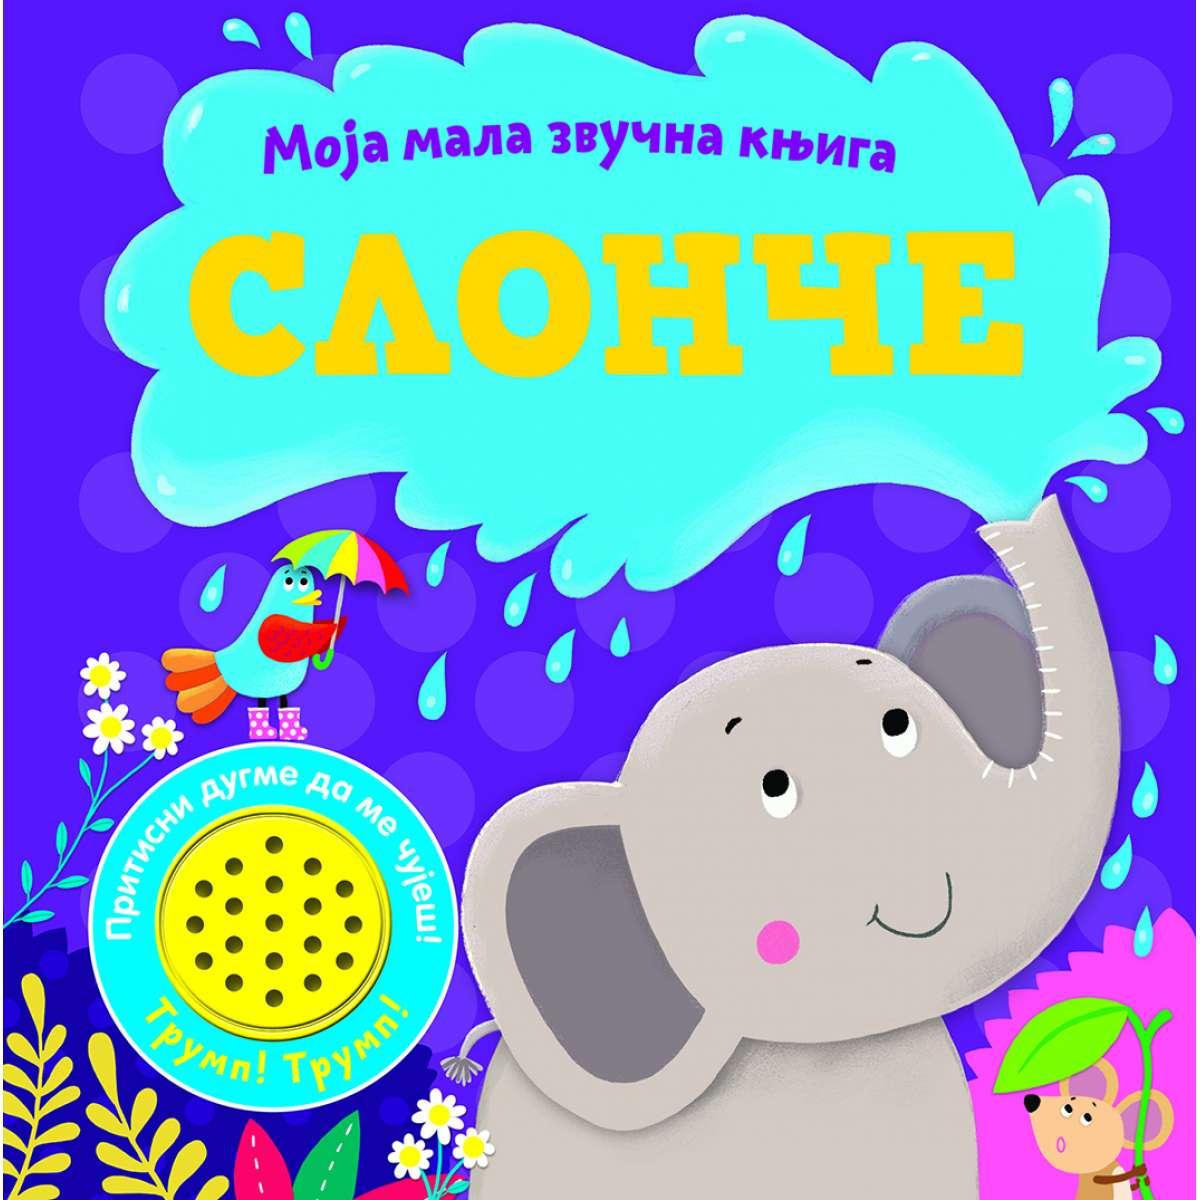 Moja mala zvučna knjiga: Slonče